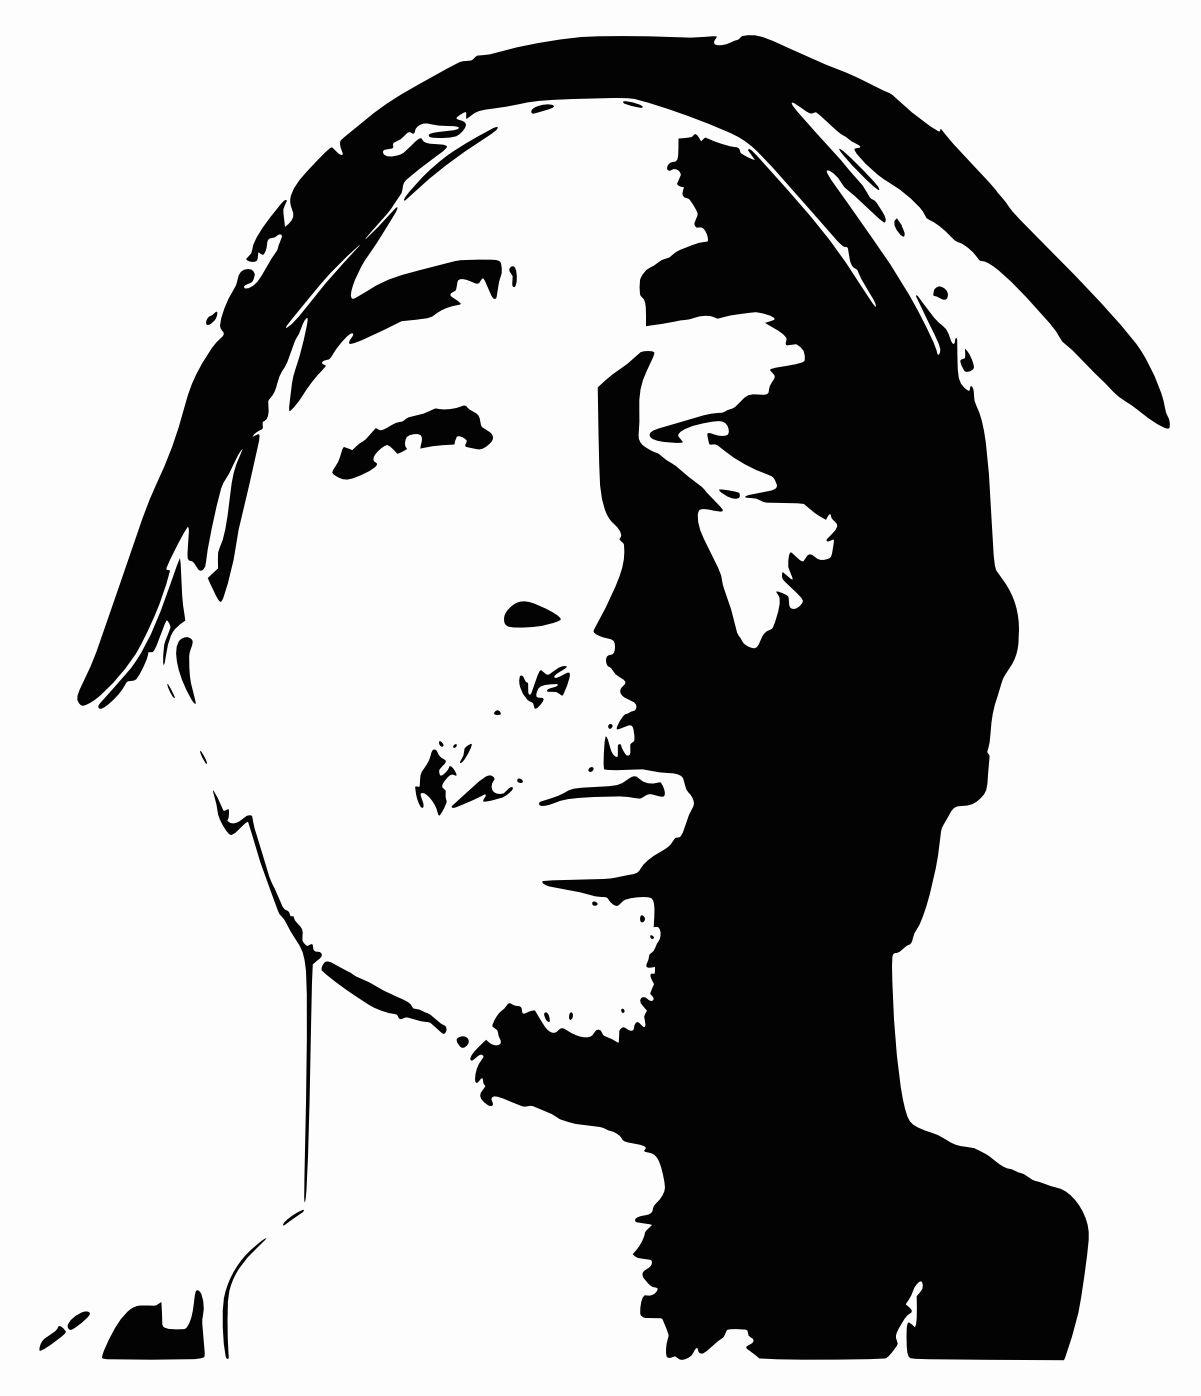 Tupac Shakur 2pac Silhouette Art Airbrush Art Art